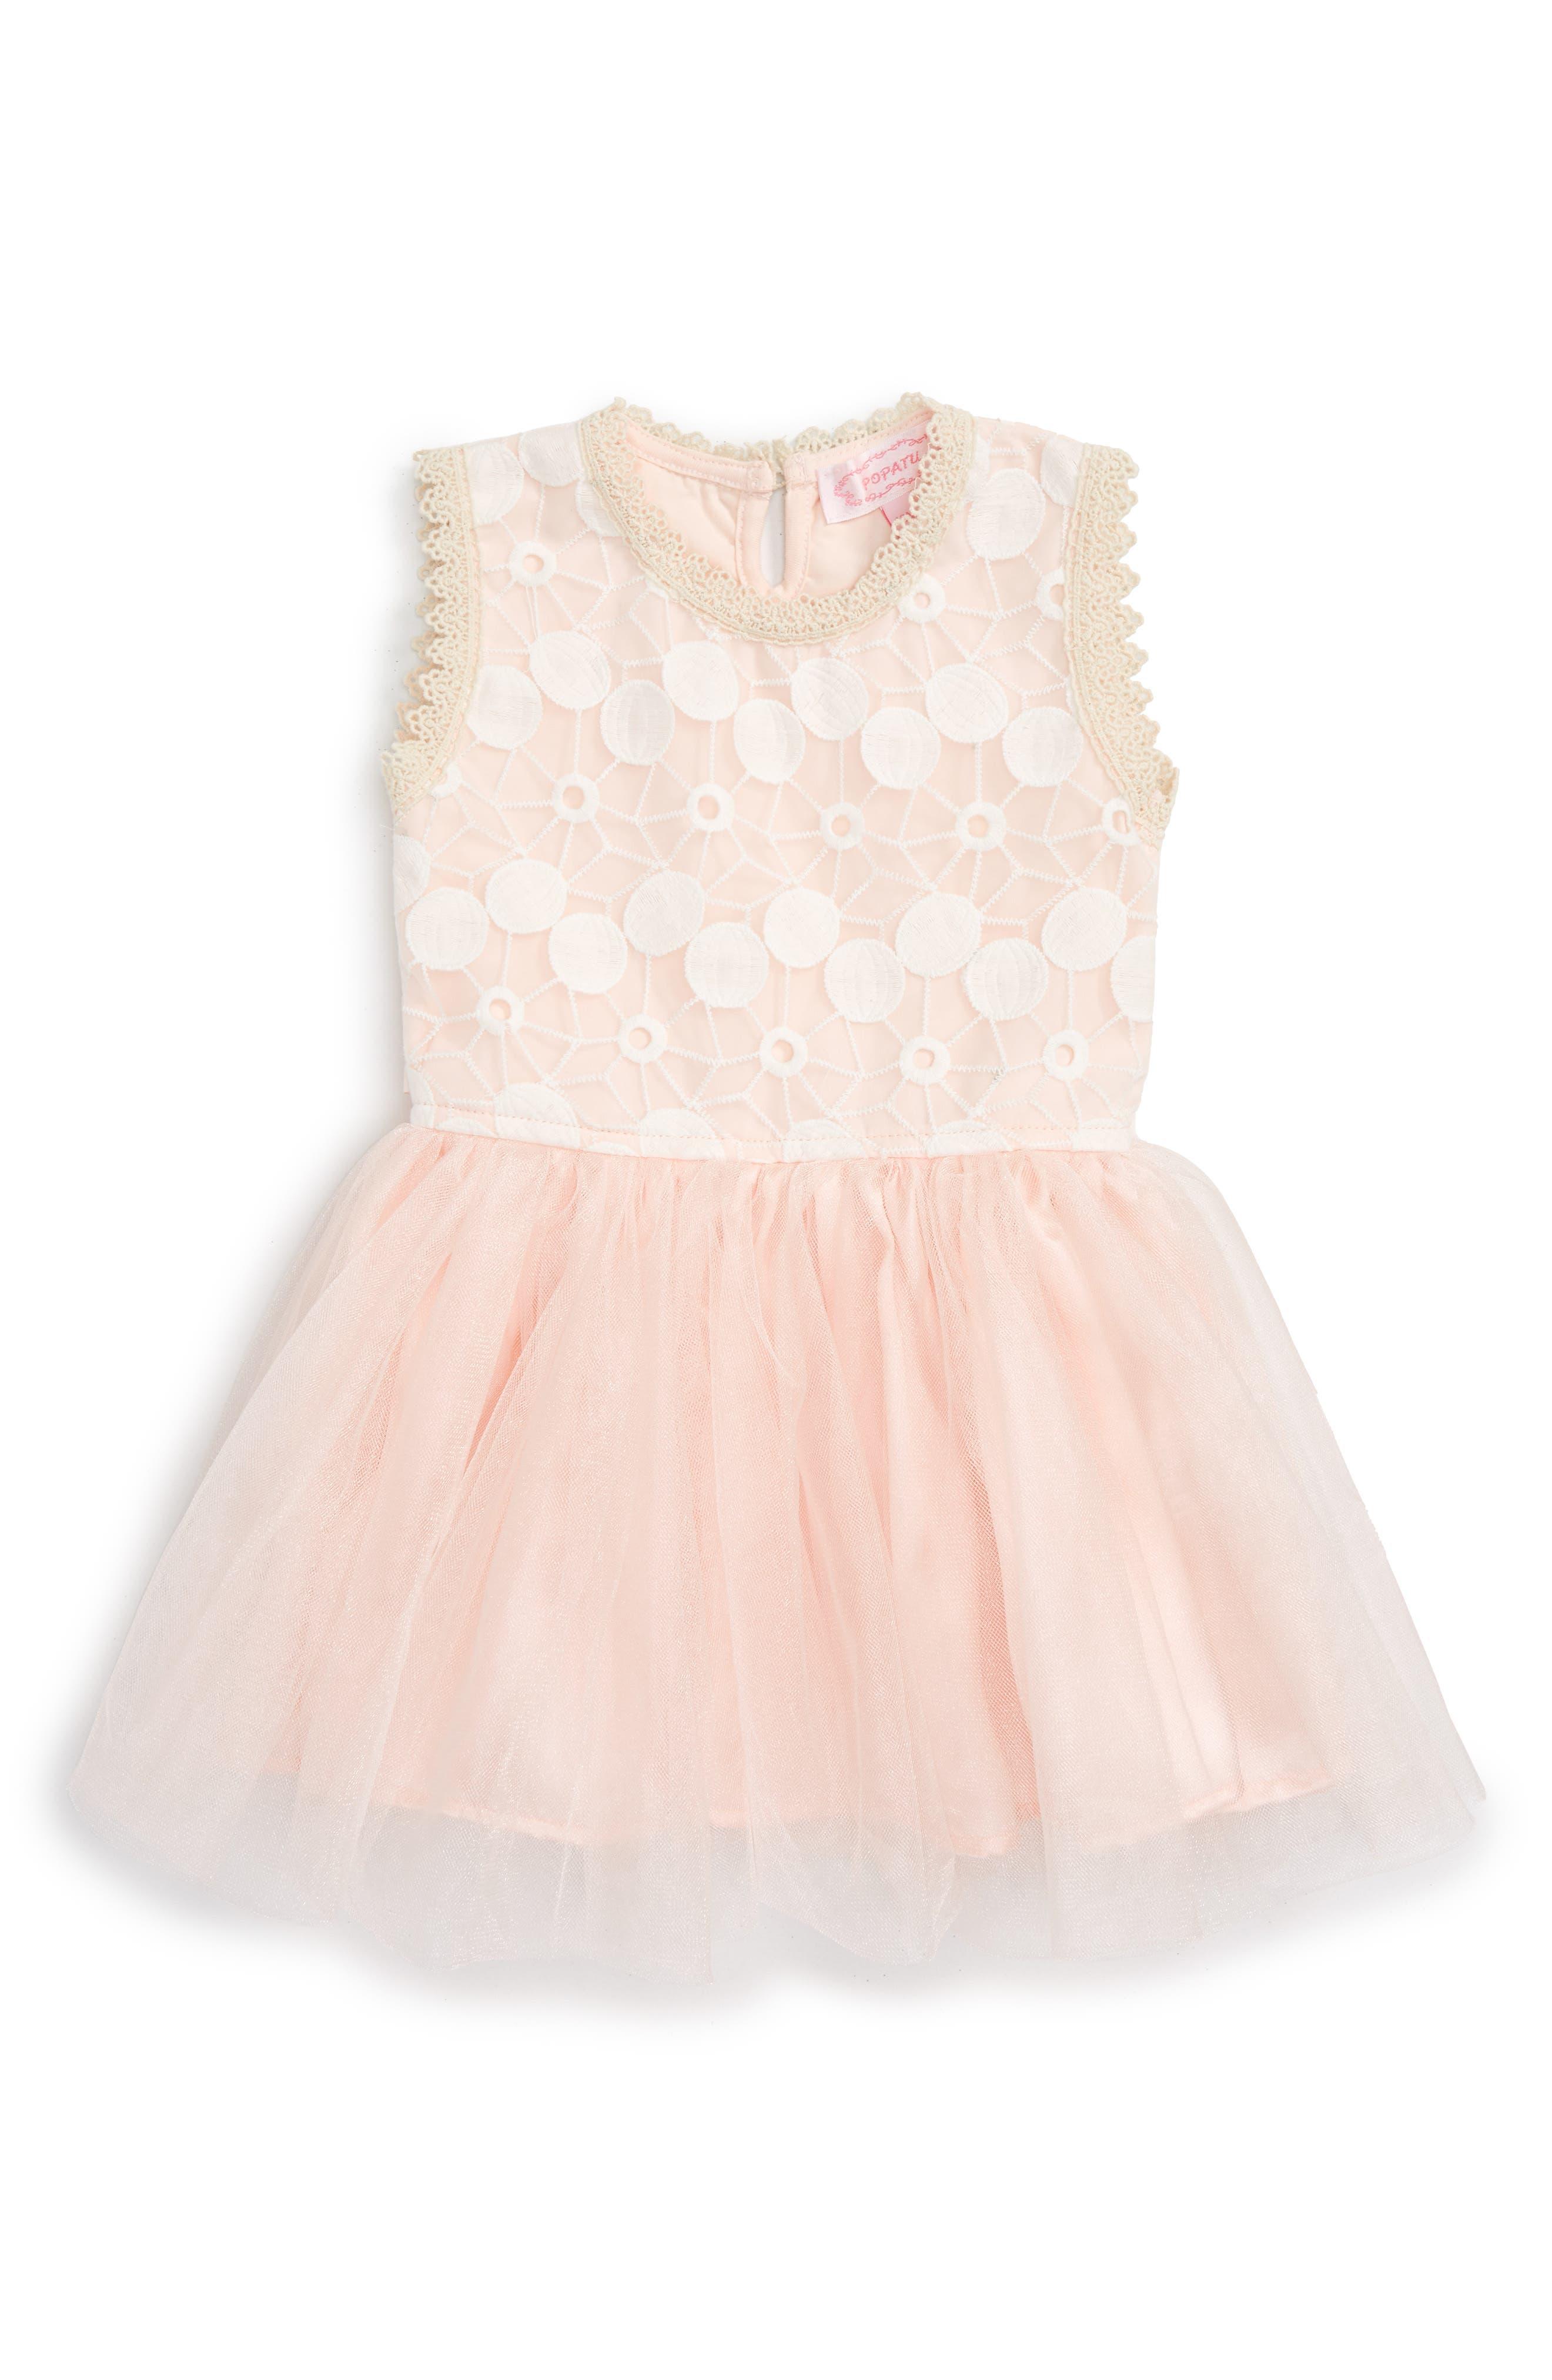 POPATU Sleeveless Lace Dress